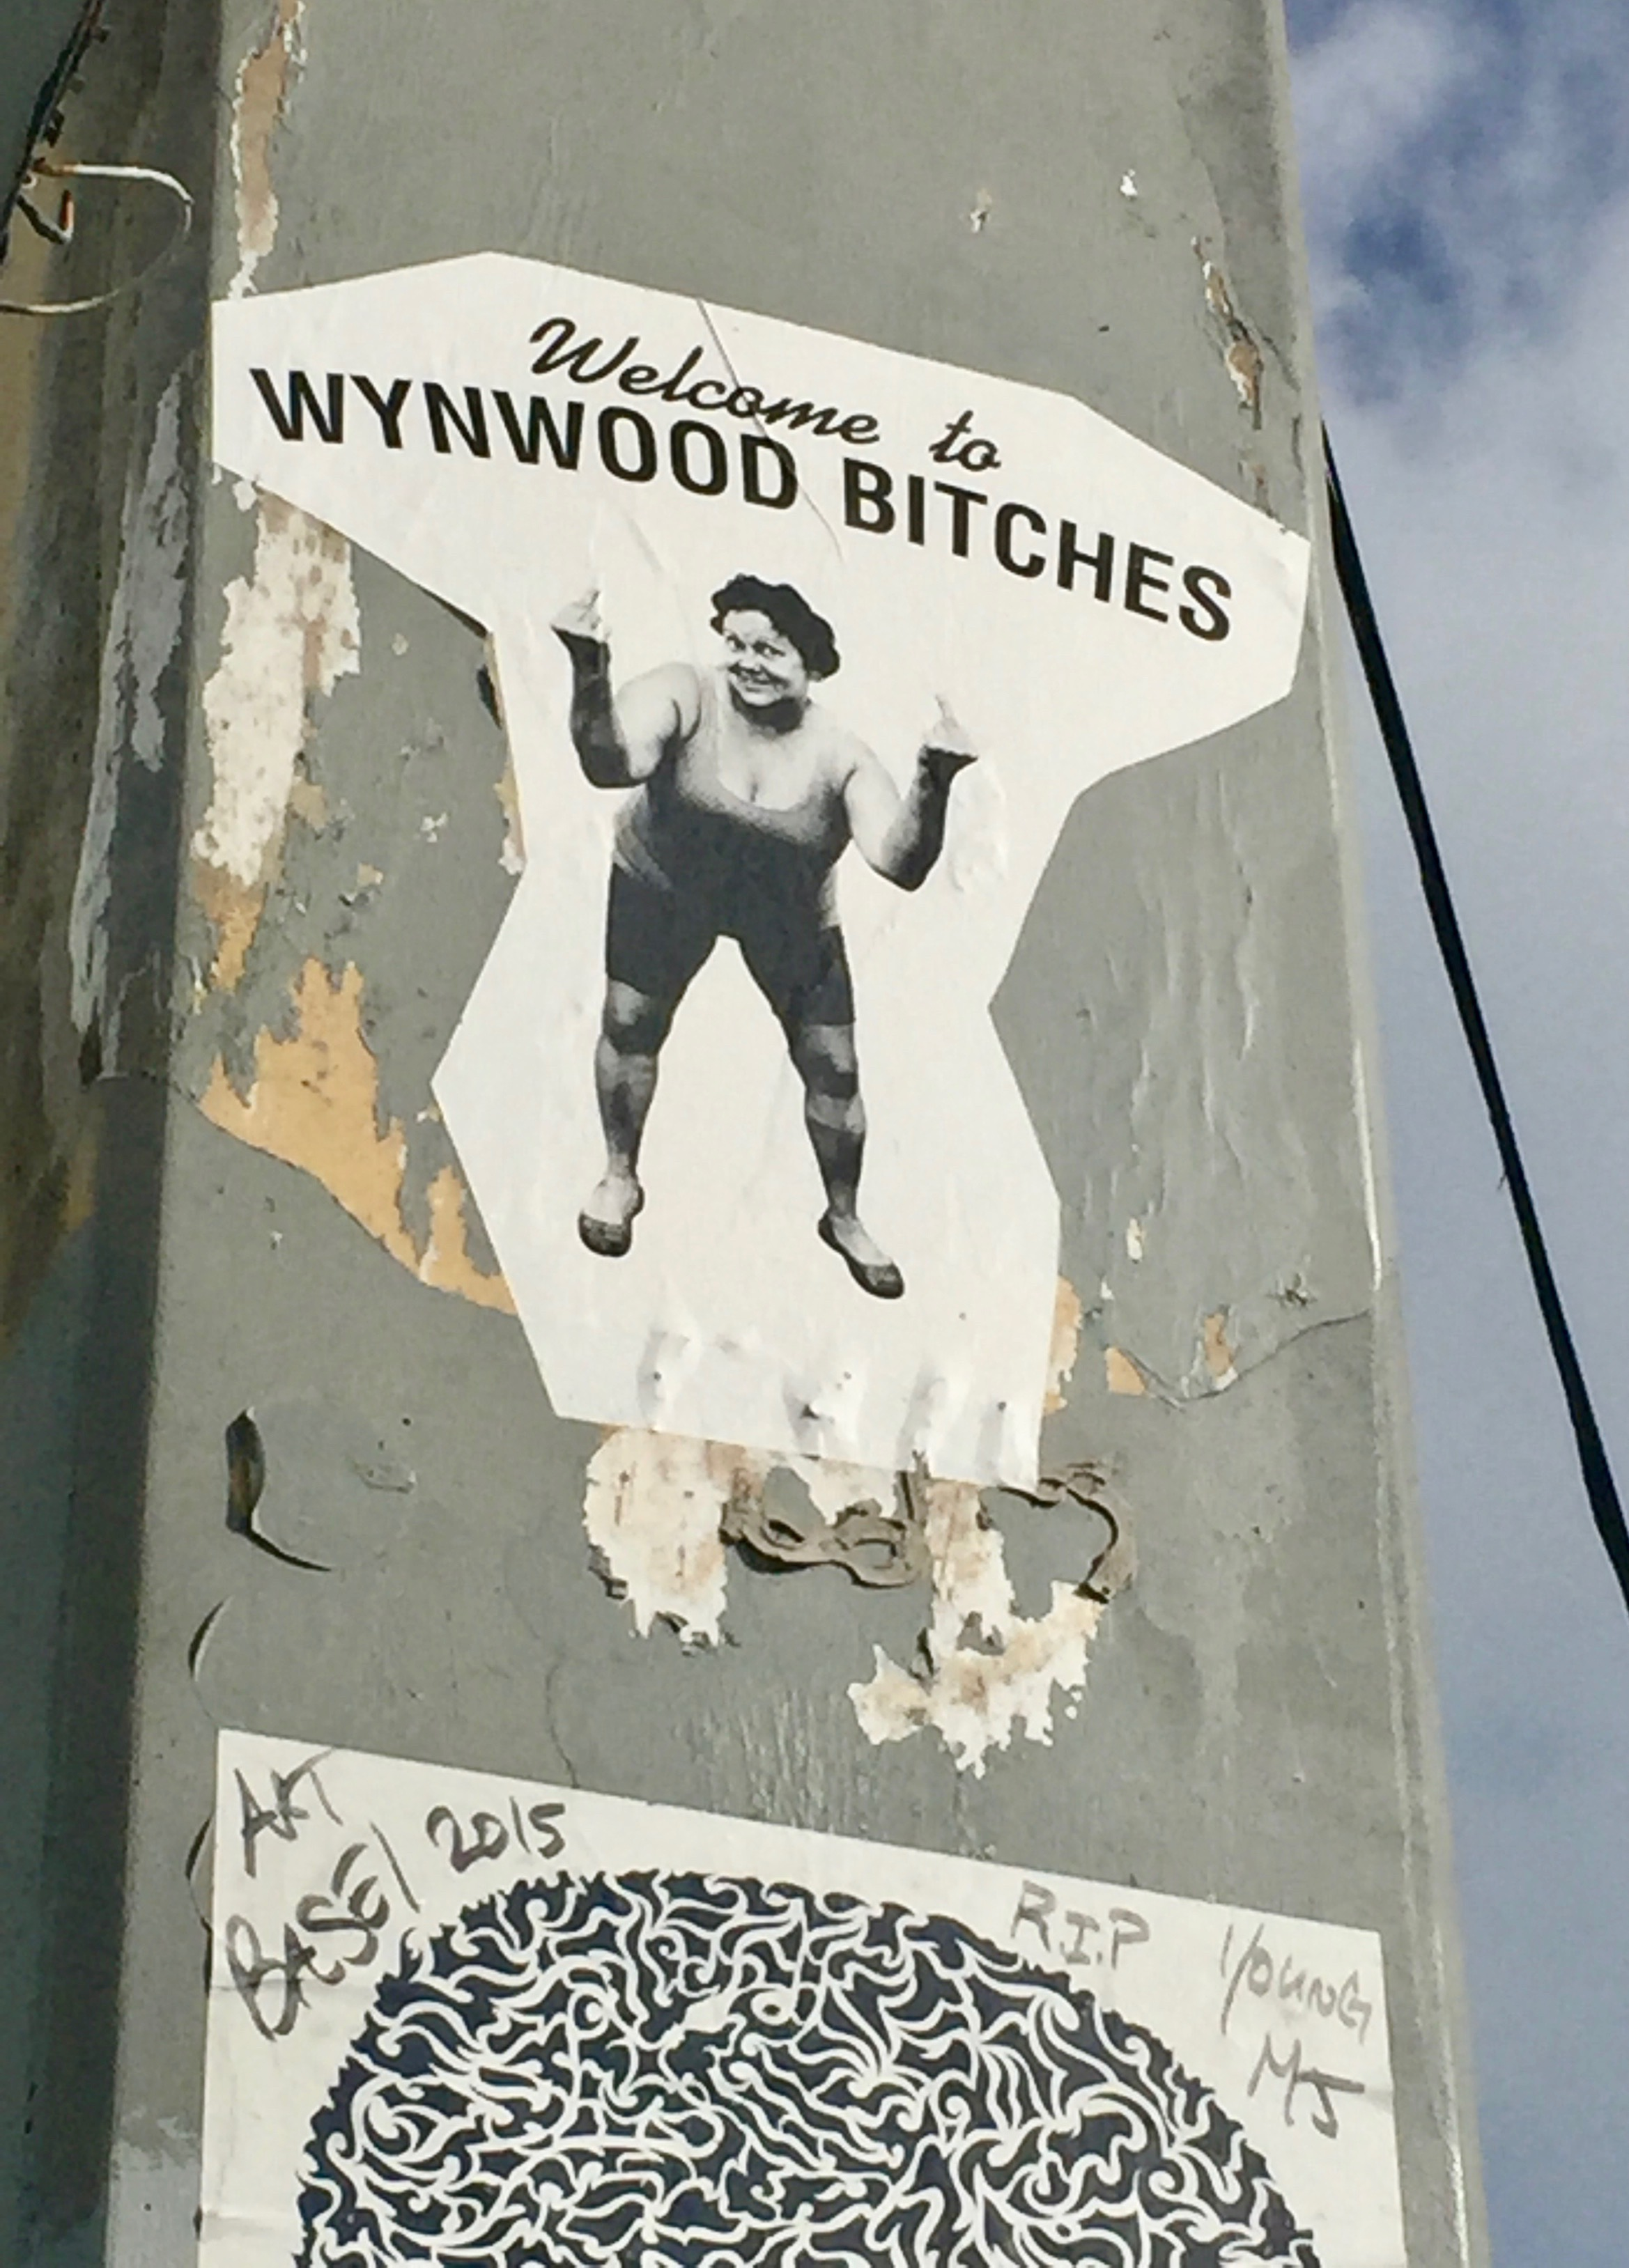 Wynwood Miami, FL